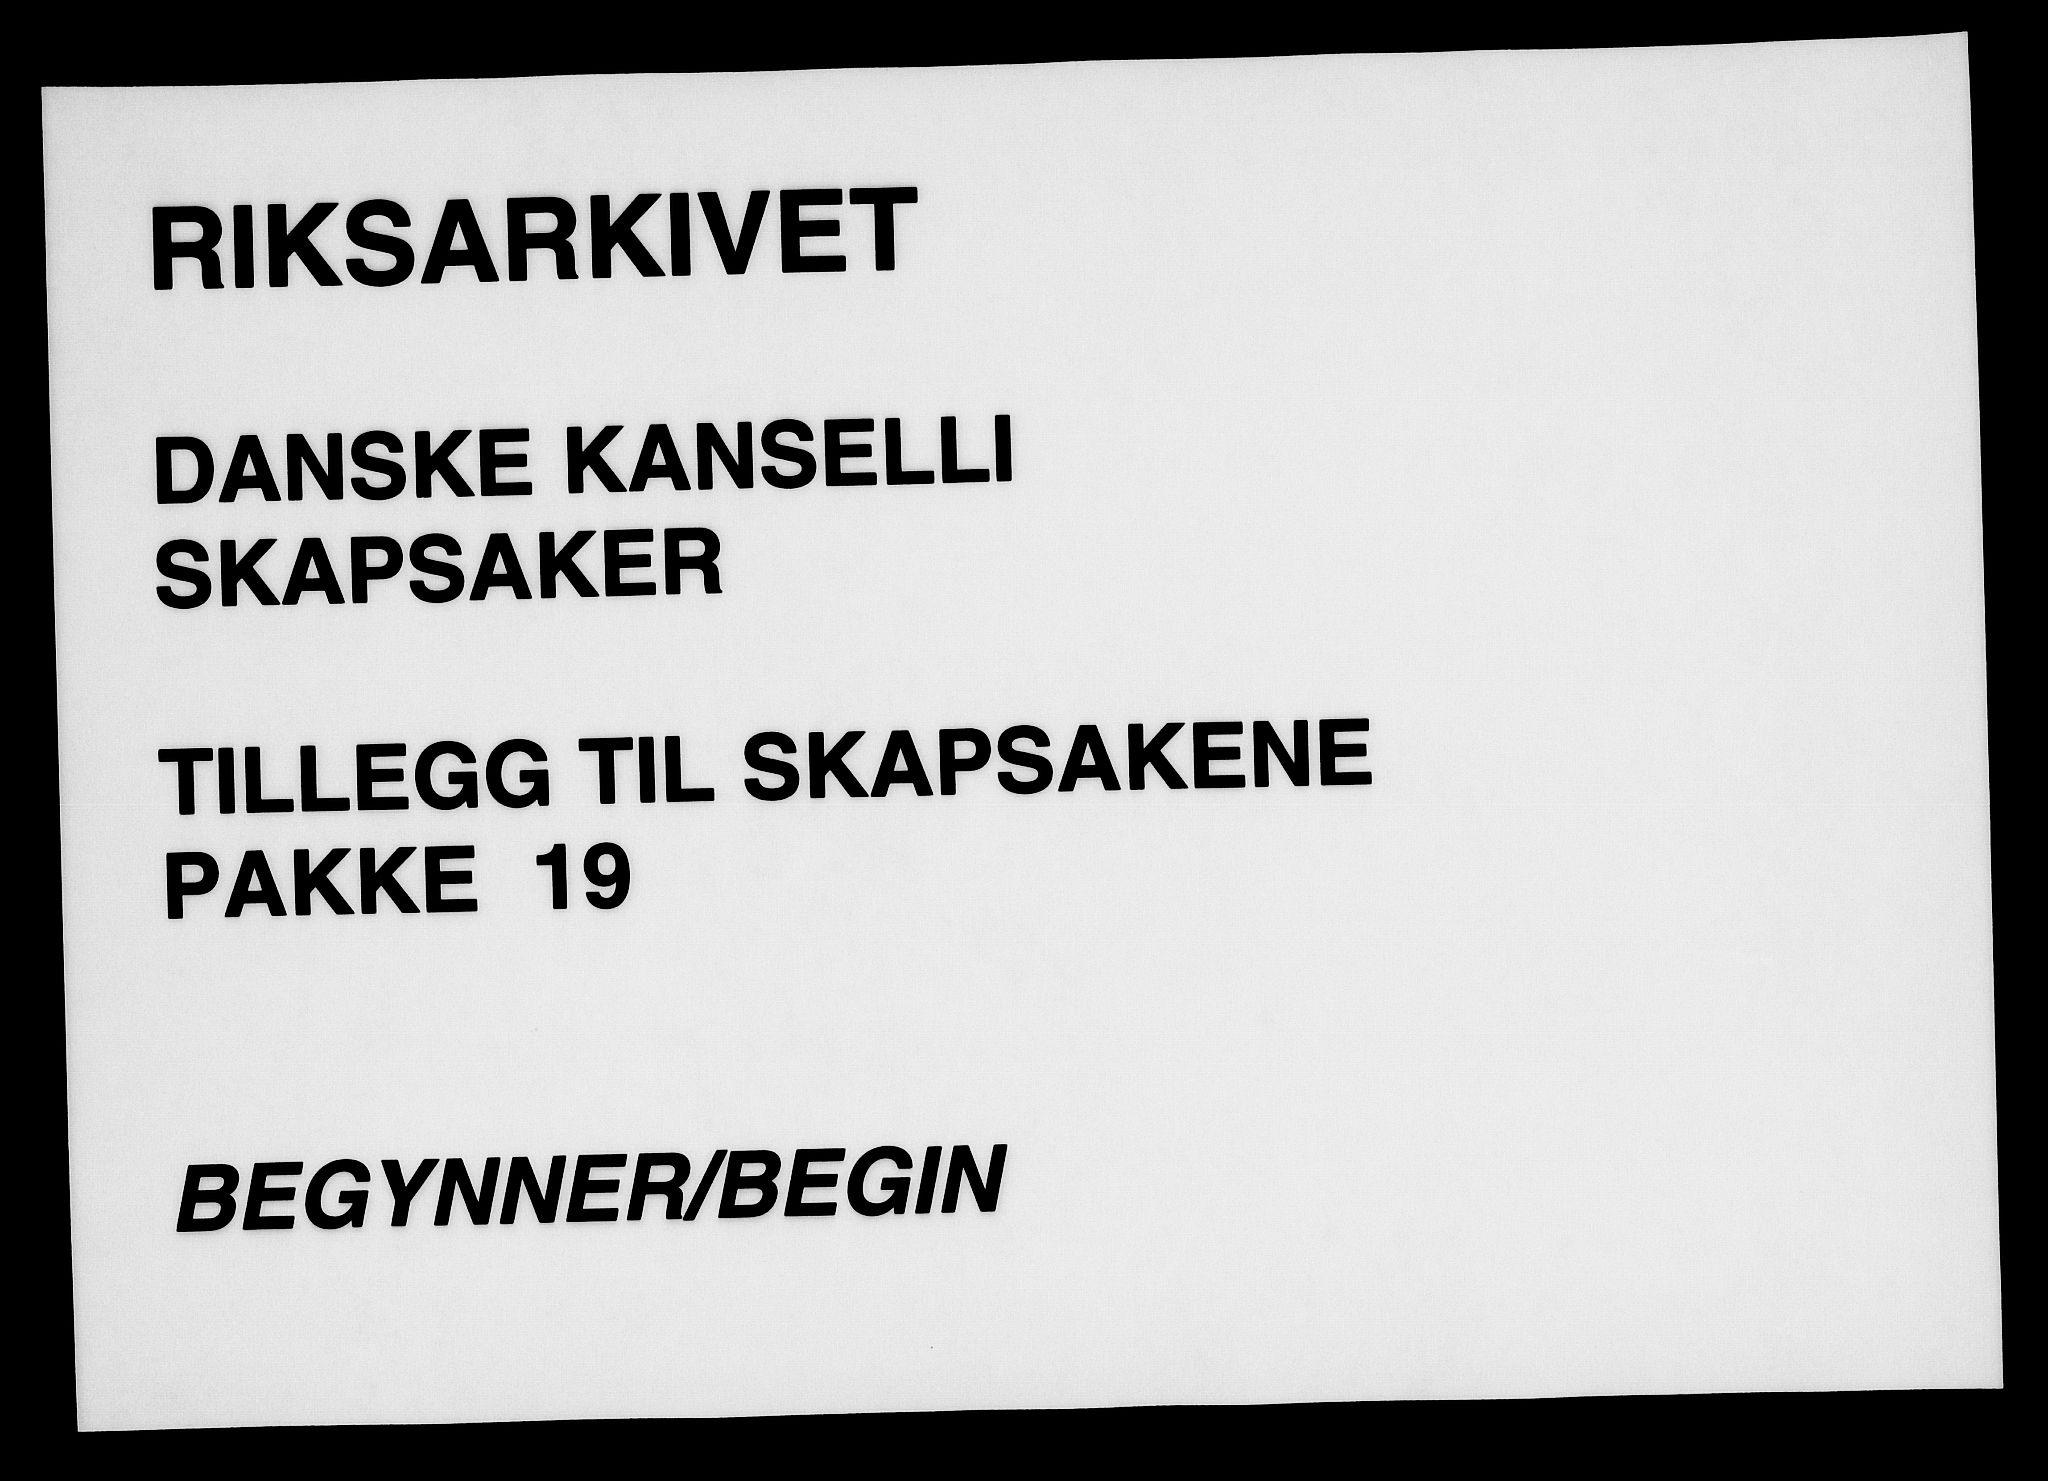 RA, Danske Kanselli, Skapsaker, G/L0019: Tillegg til skapsakene, 1616-1753, s. 1